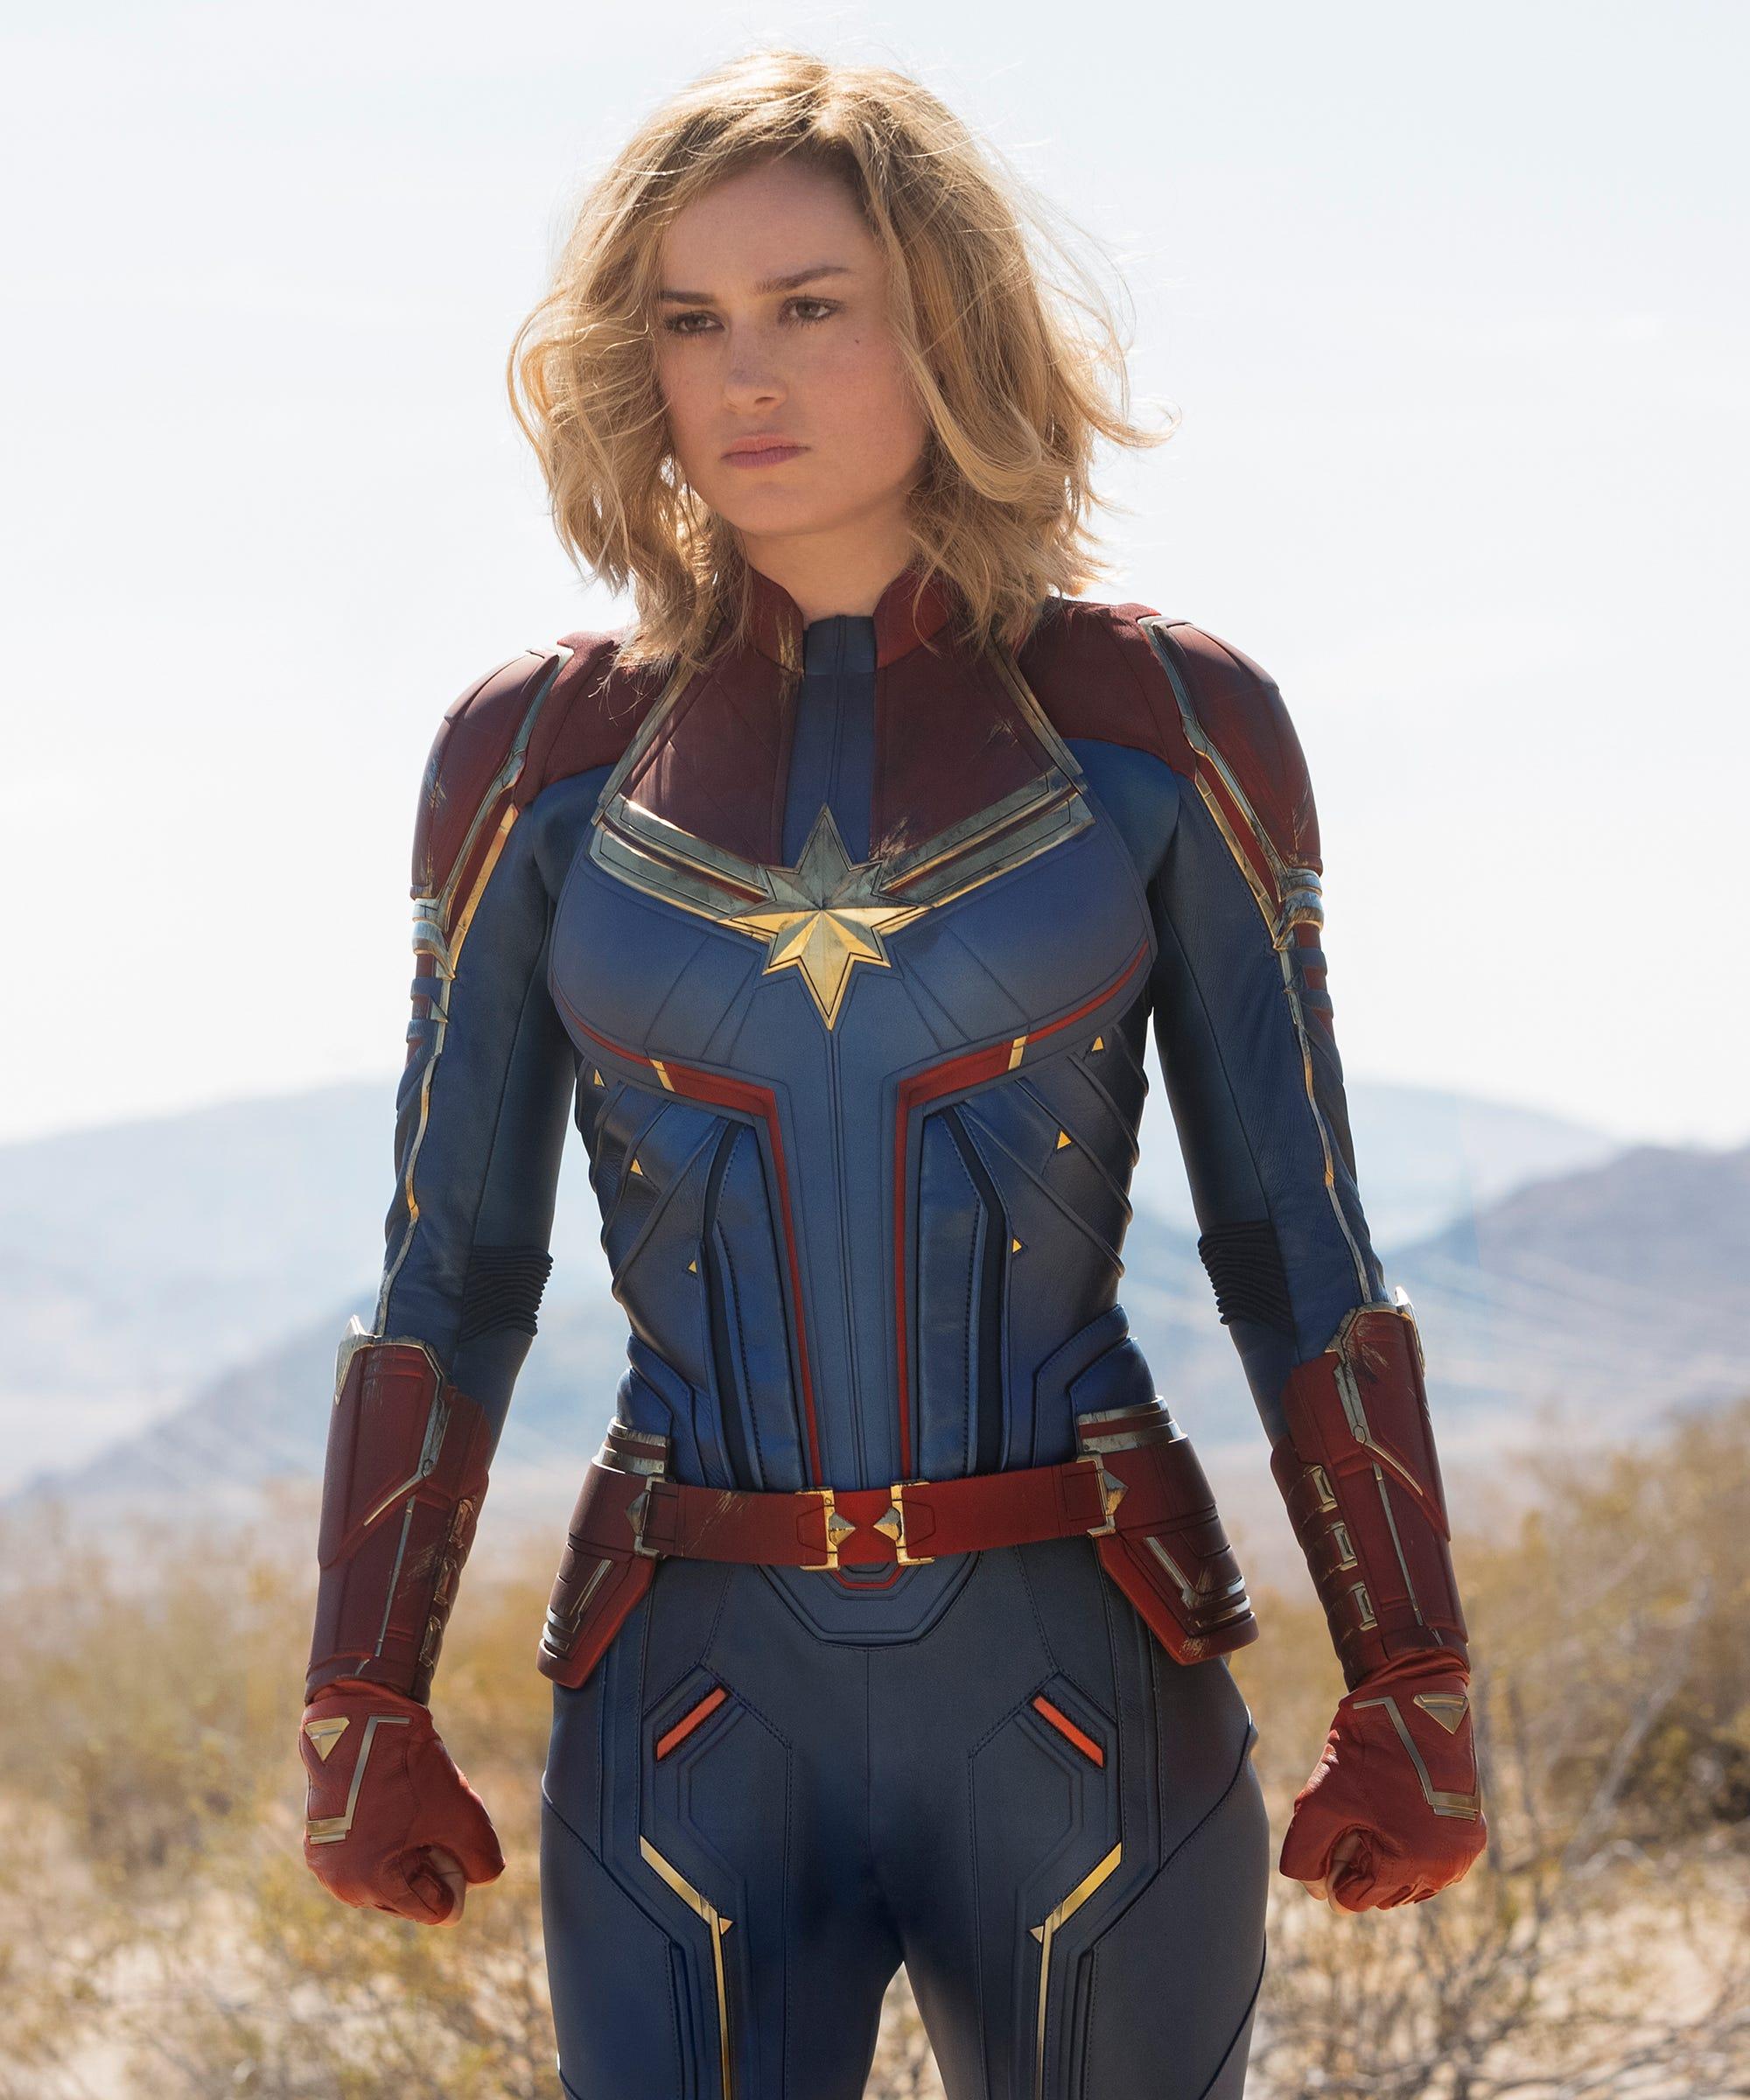 96b380b405a Brie Larson Retro Hair Transformation In Captain Marvel